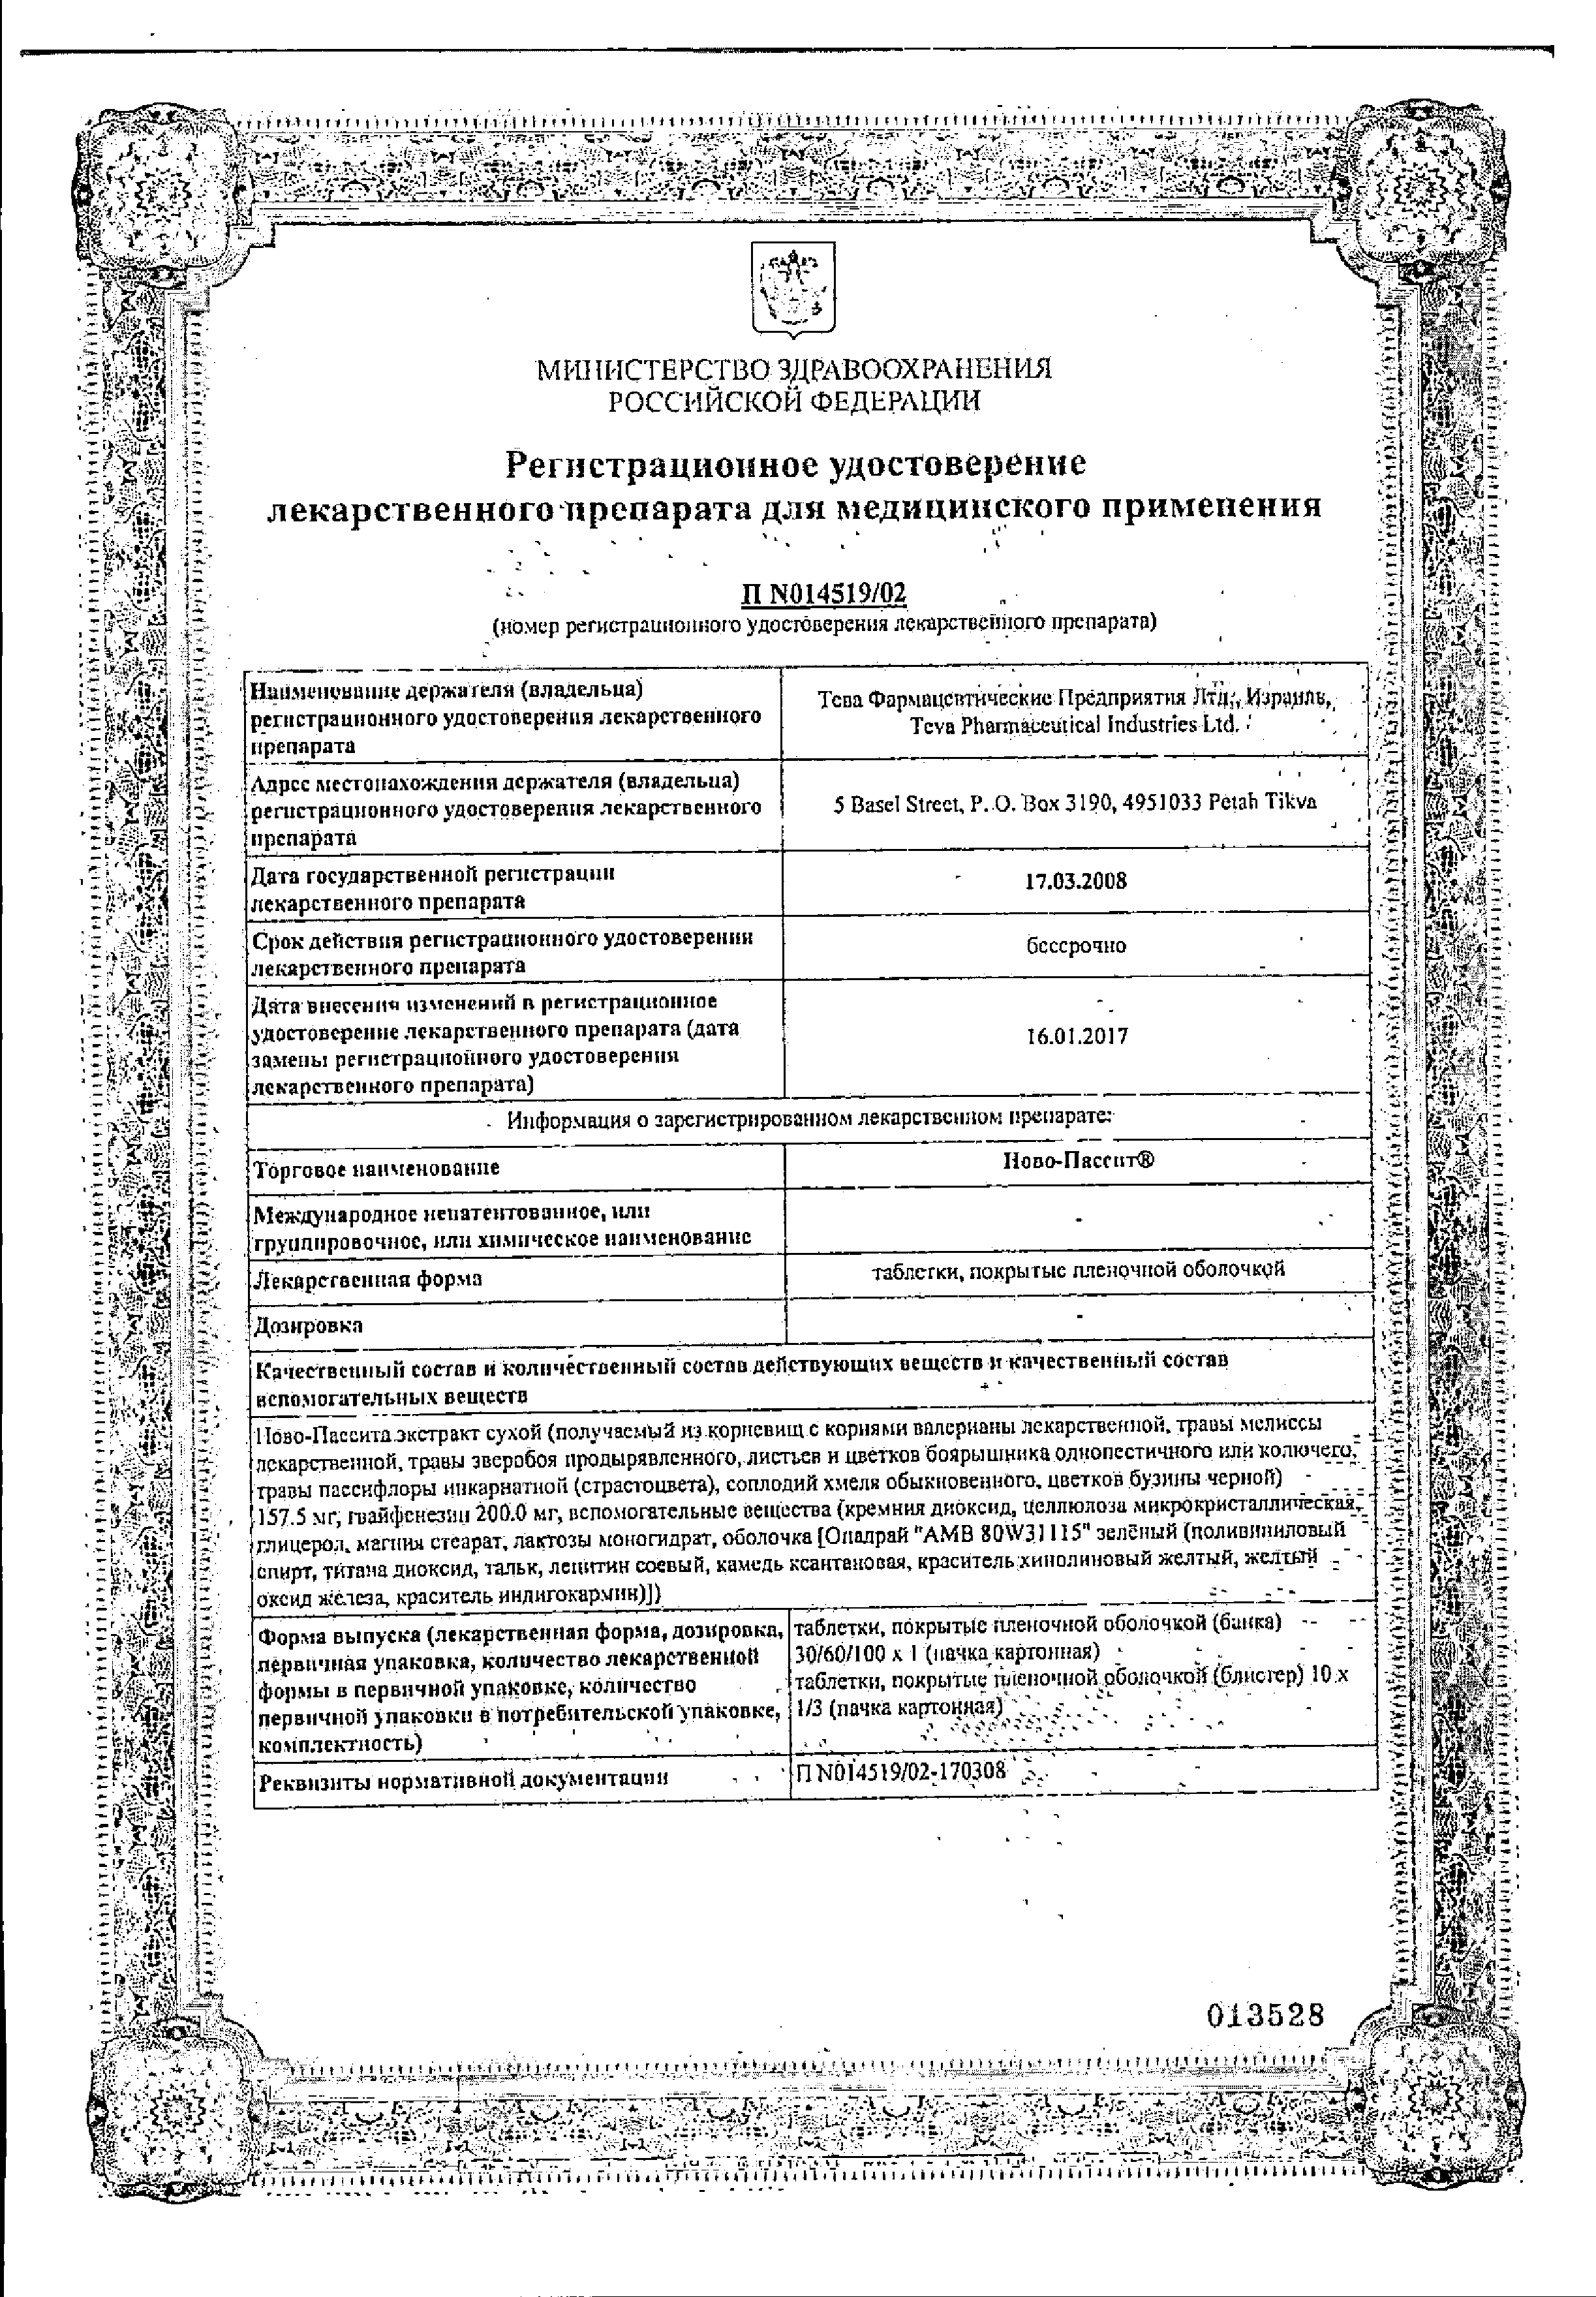 Ново-Пассит сертификат